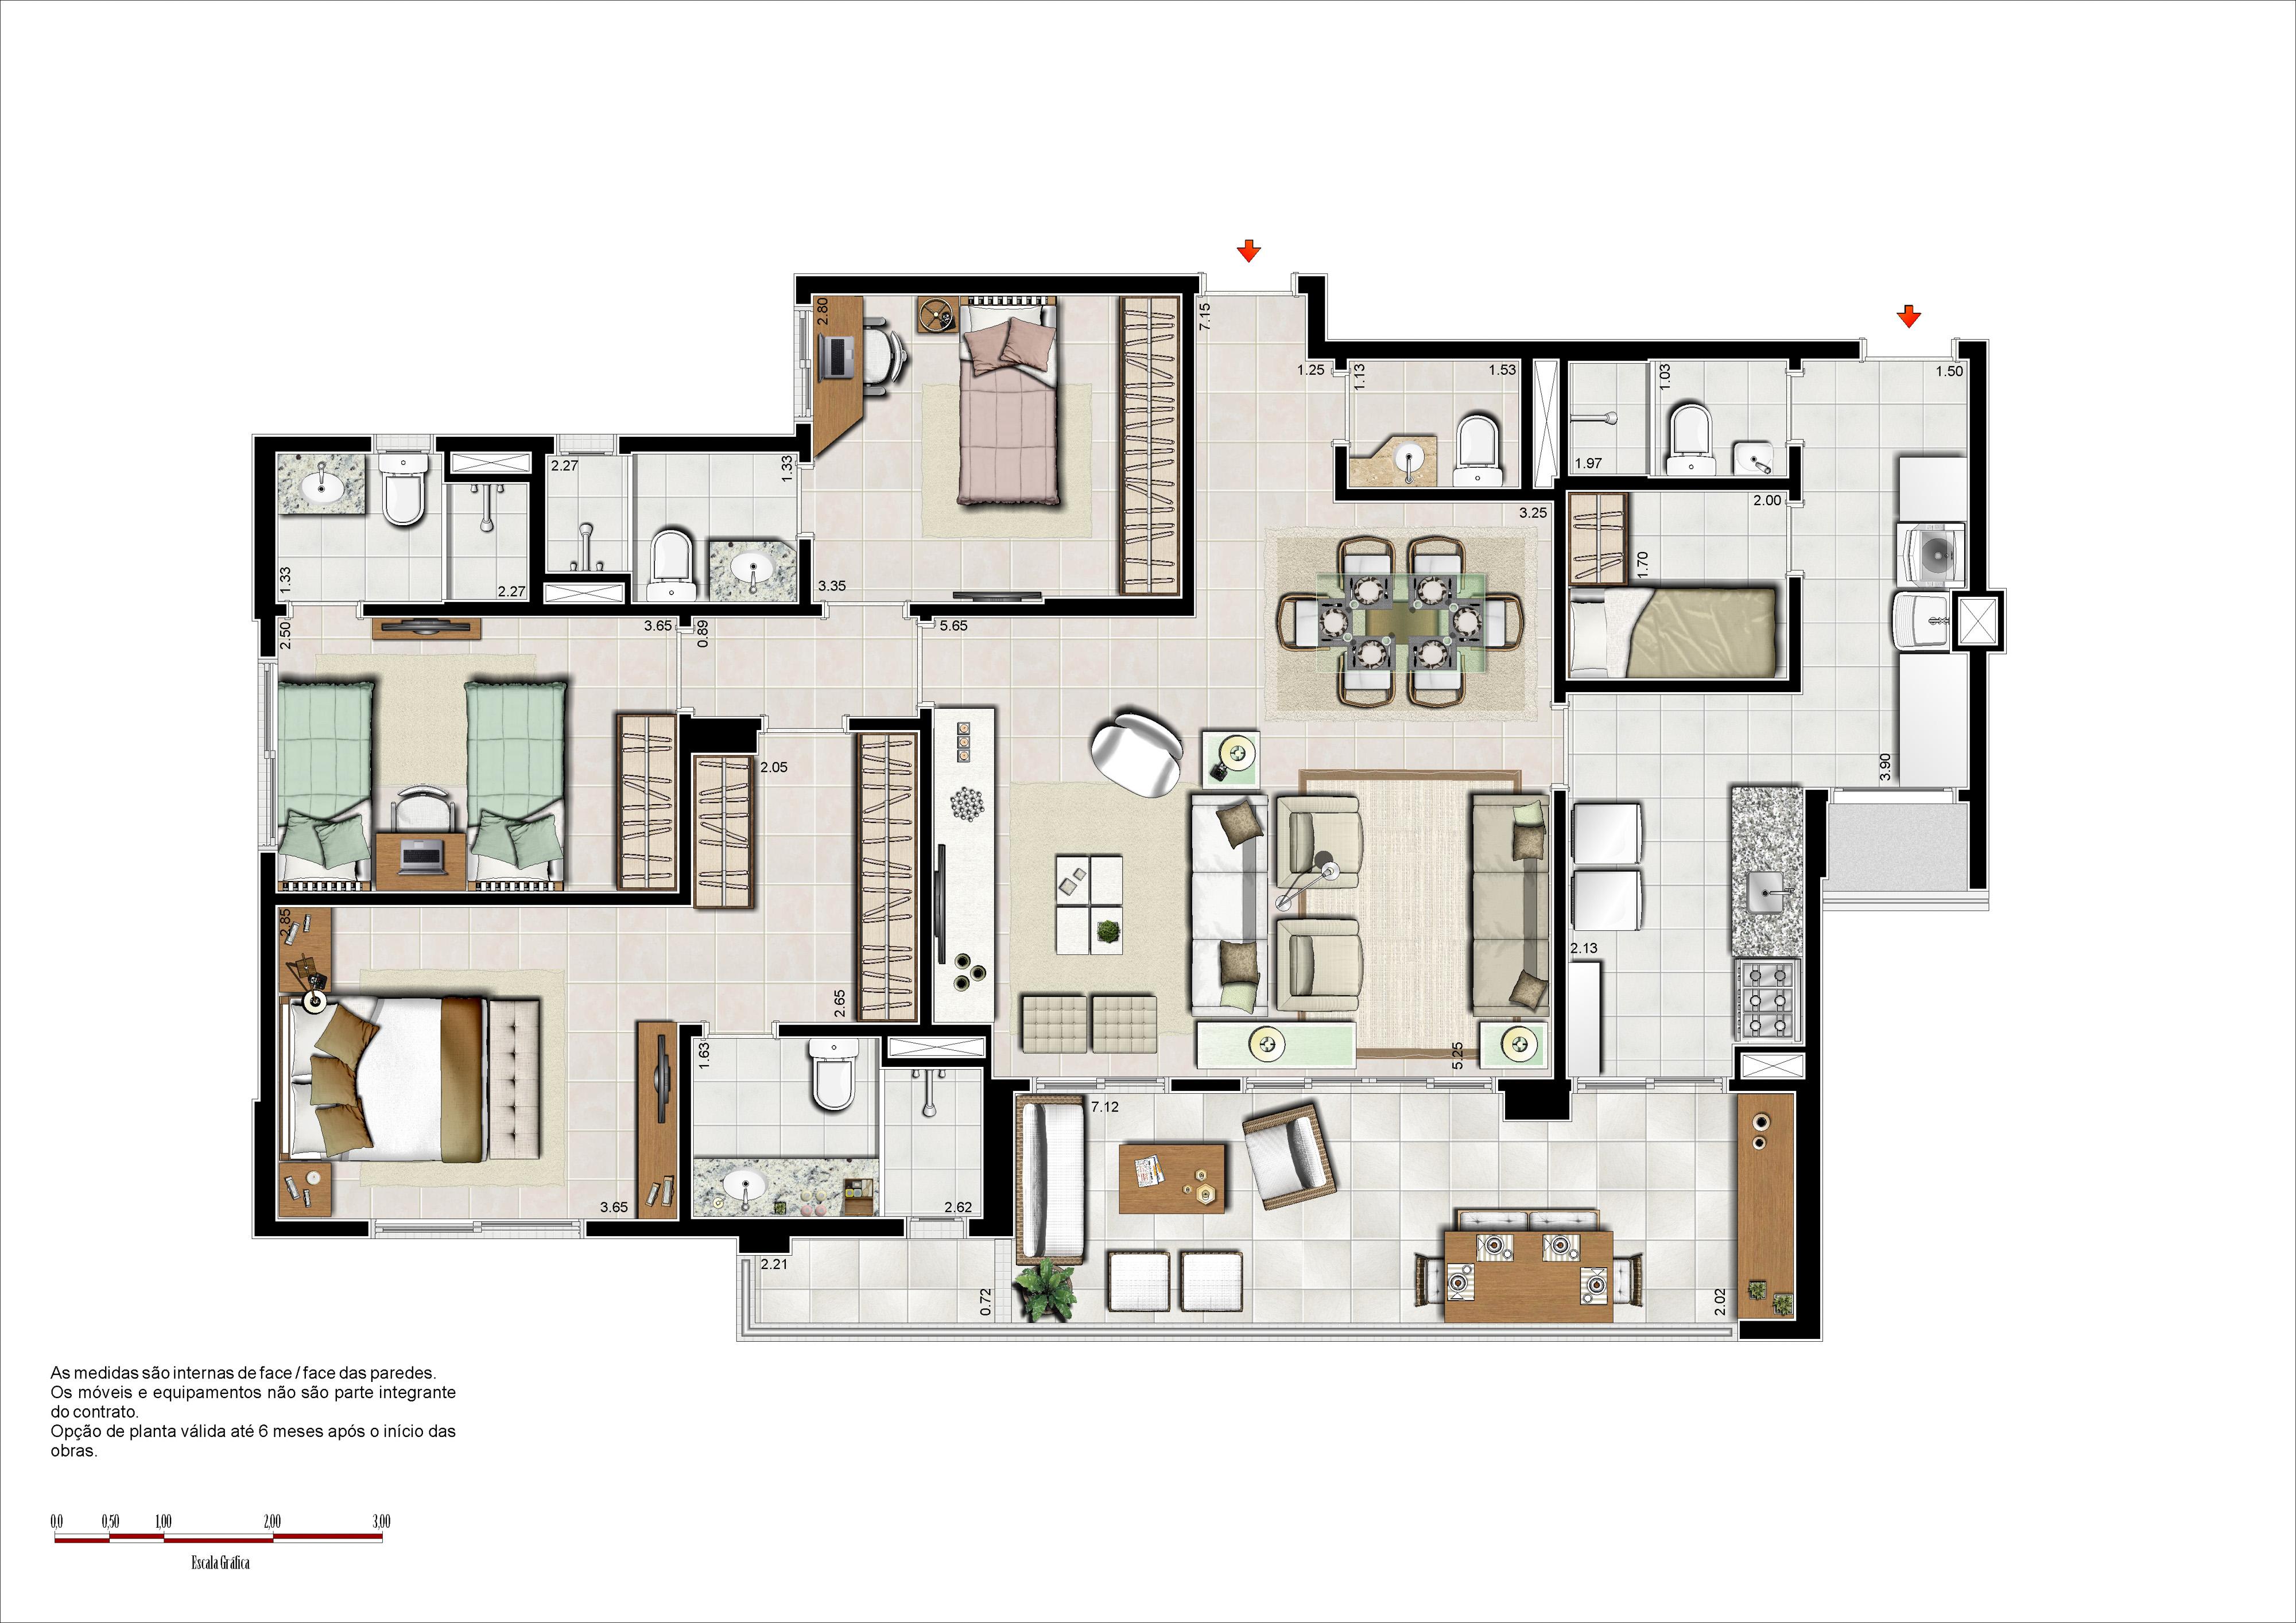 133m² - 3 suítes com sala ampliada